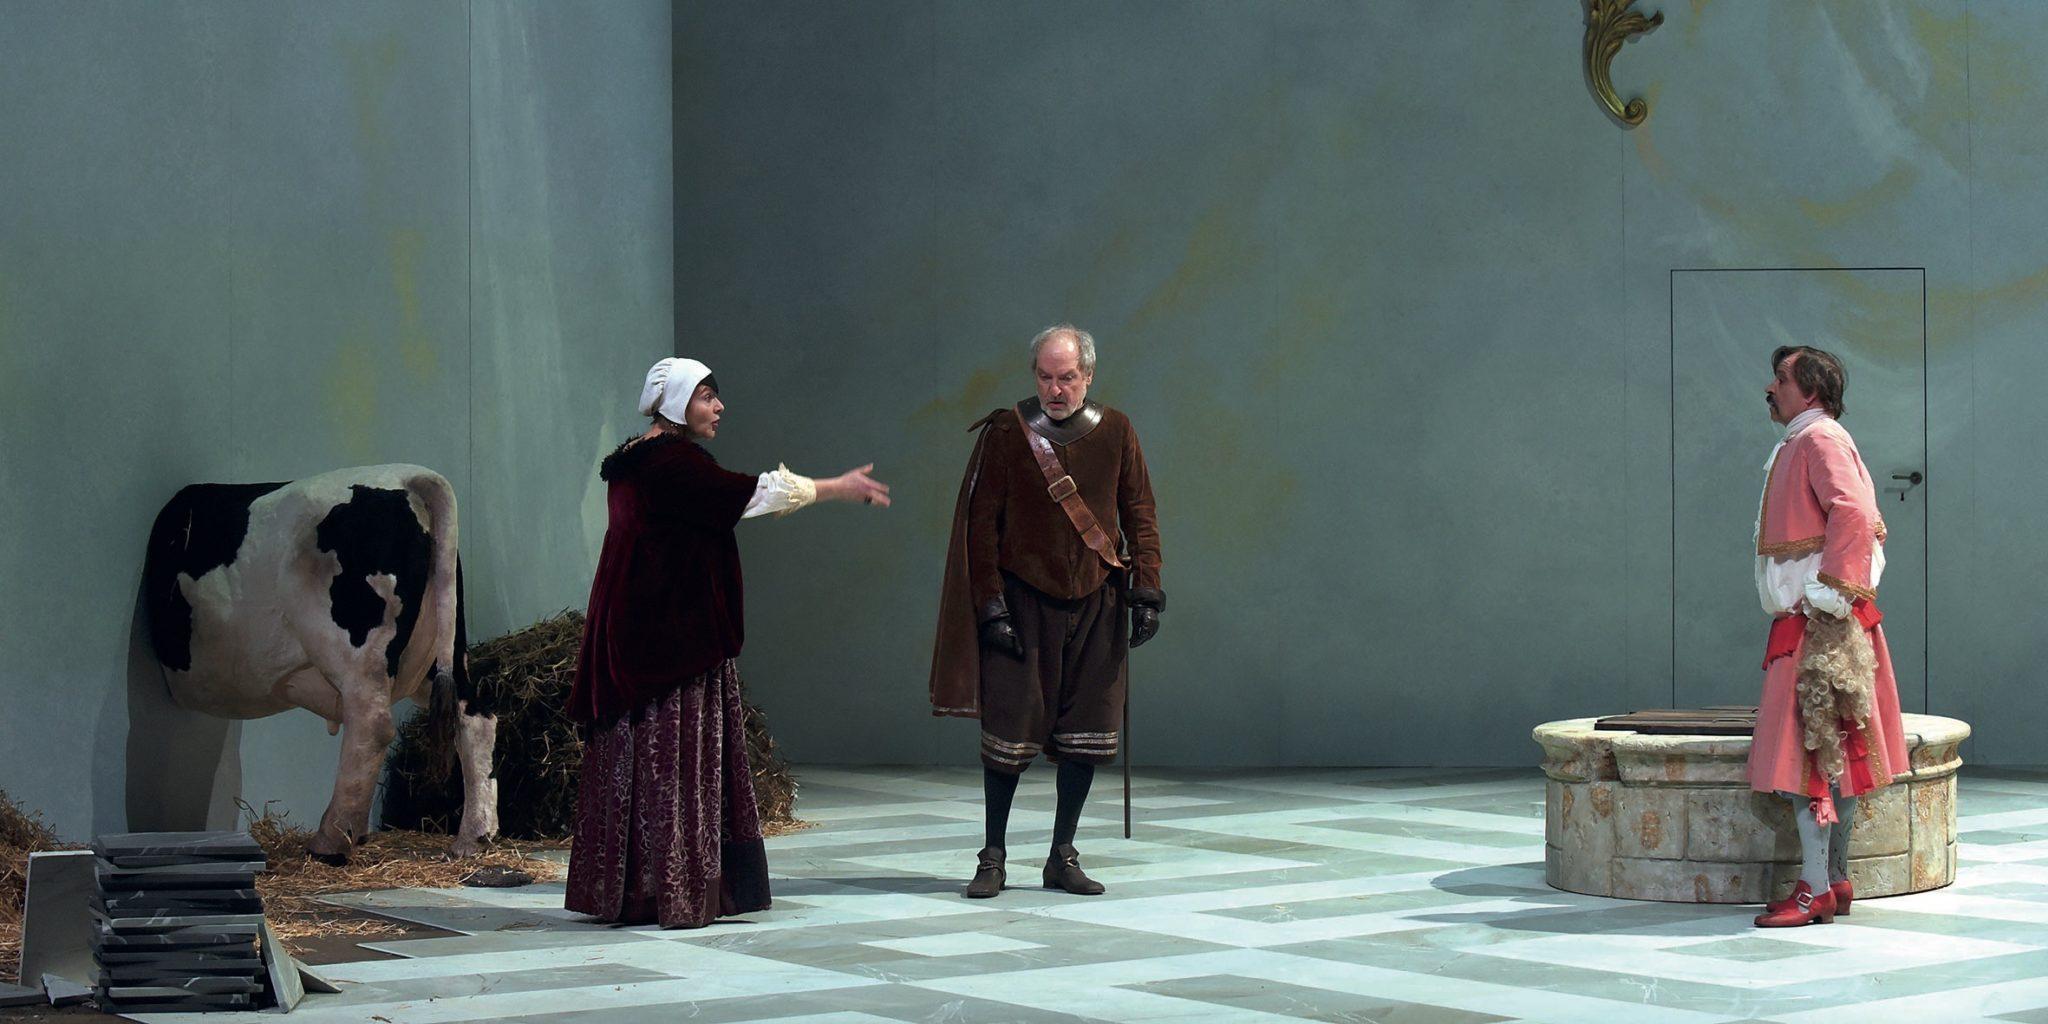 George Dandin ou le mari confondu de Molière par Jean-Pierre Vincent photo 1